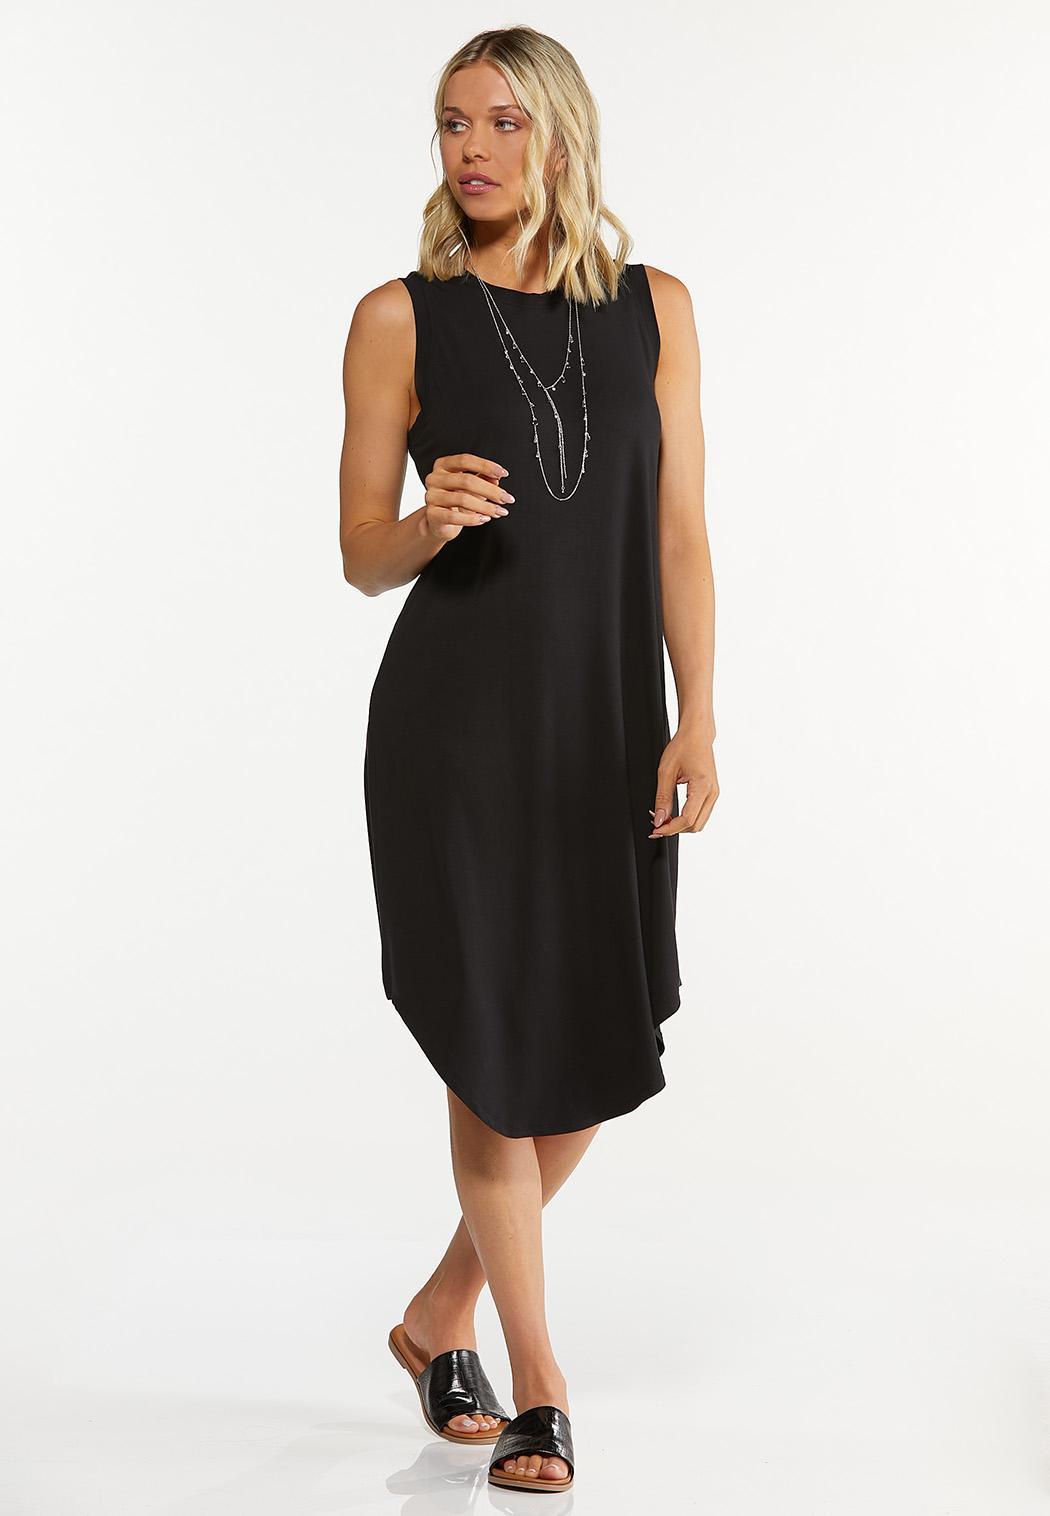 Plus Size Black Tank Dress